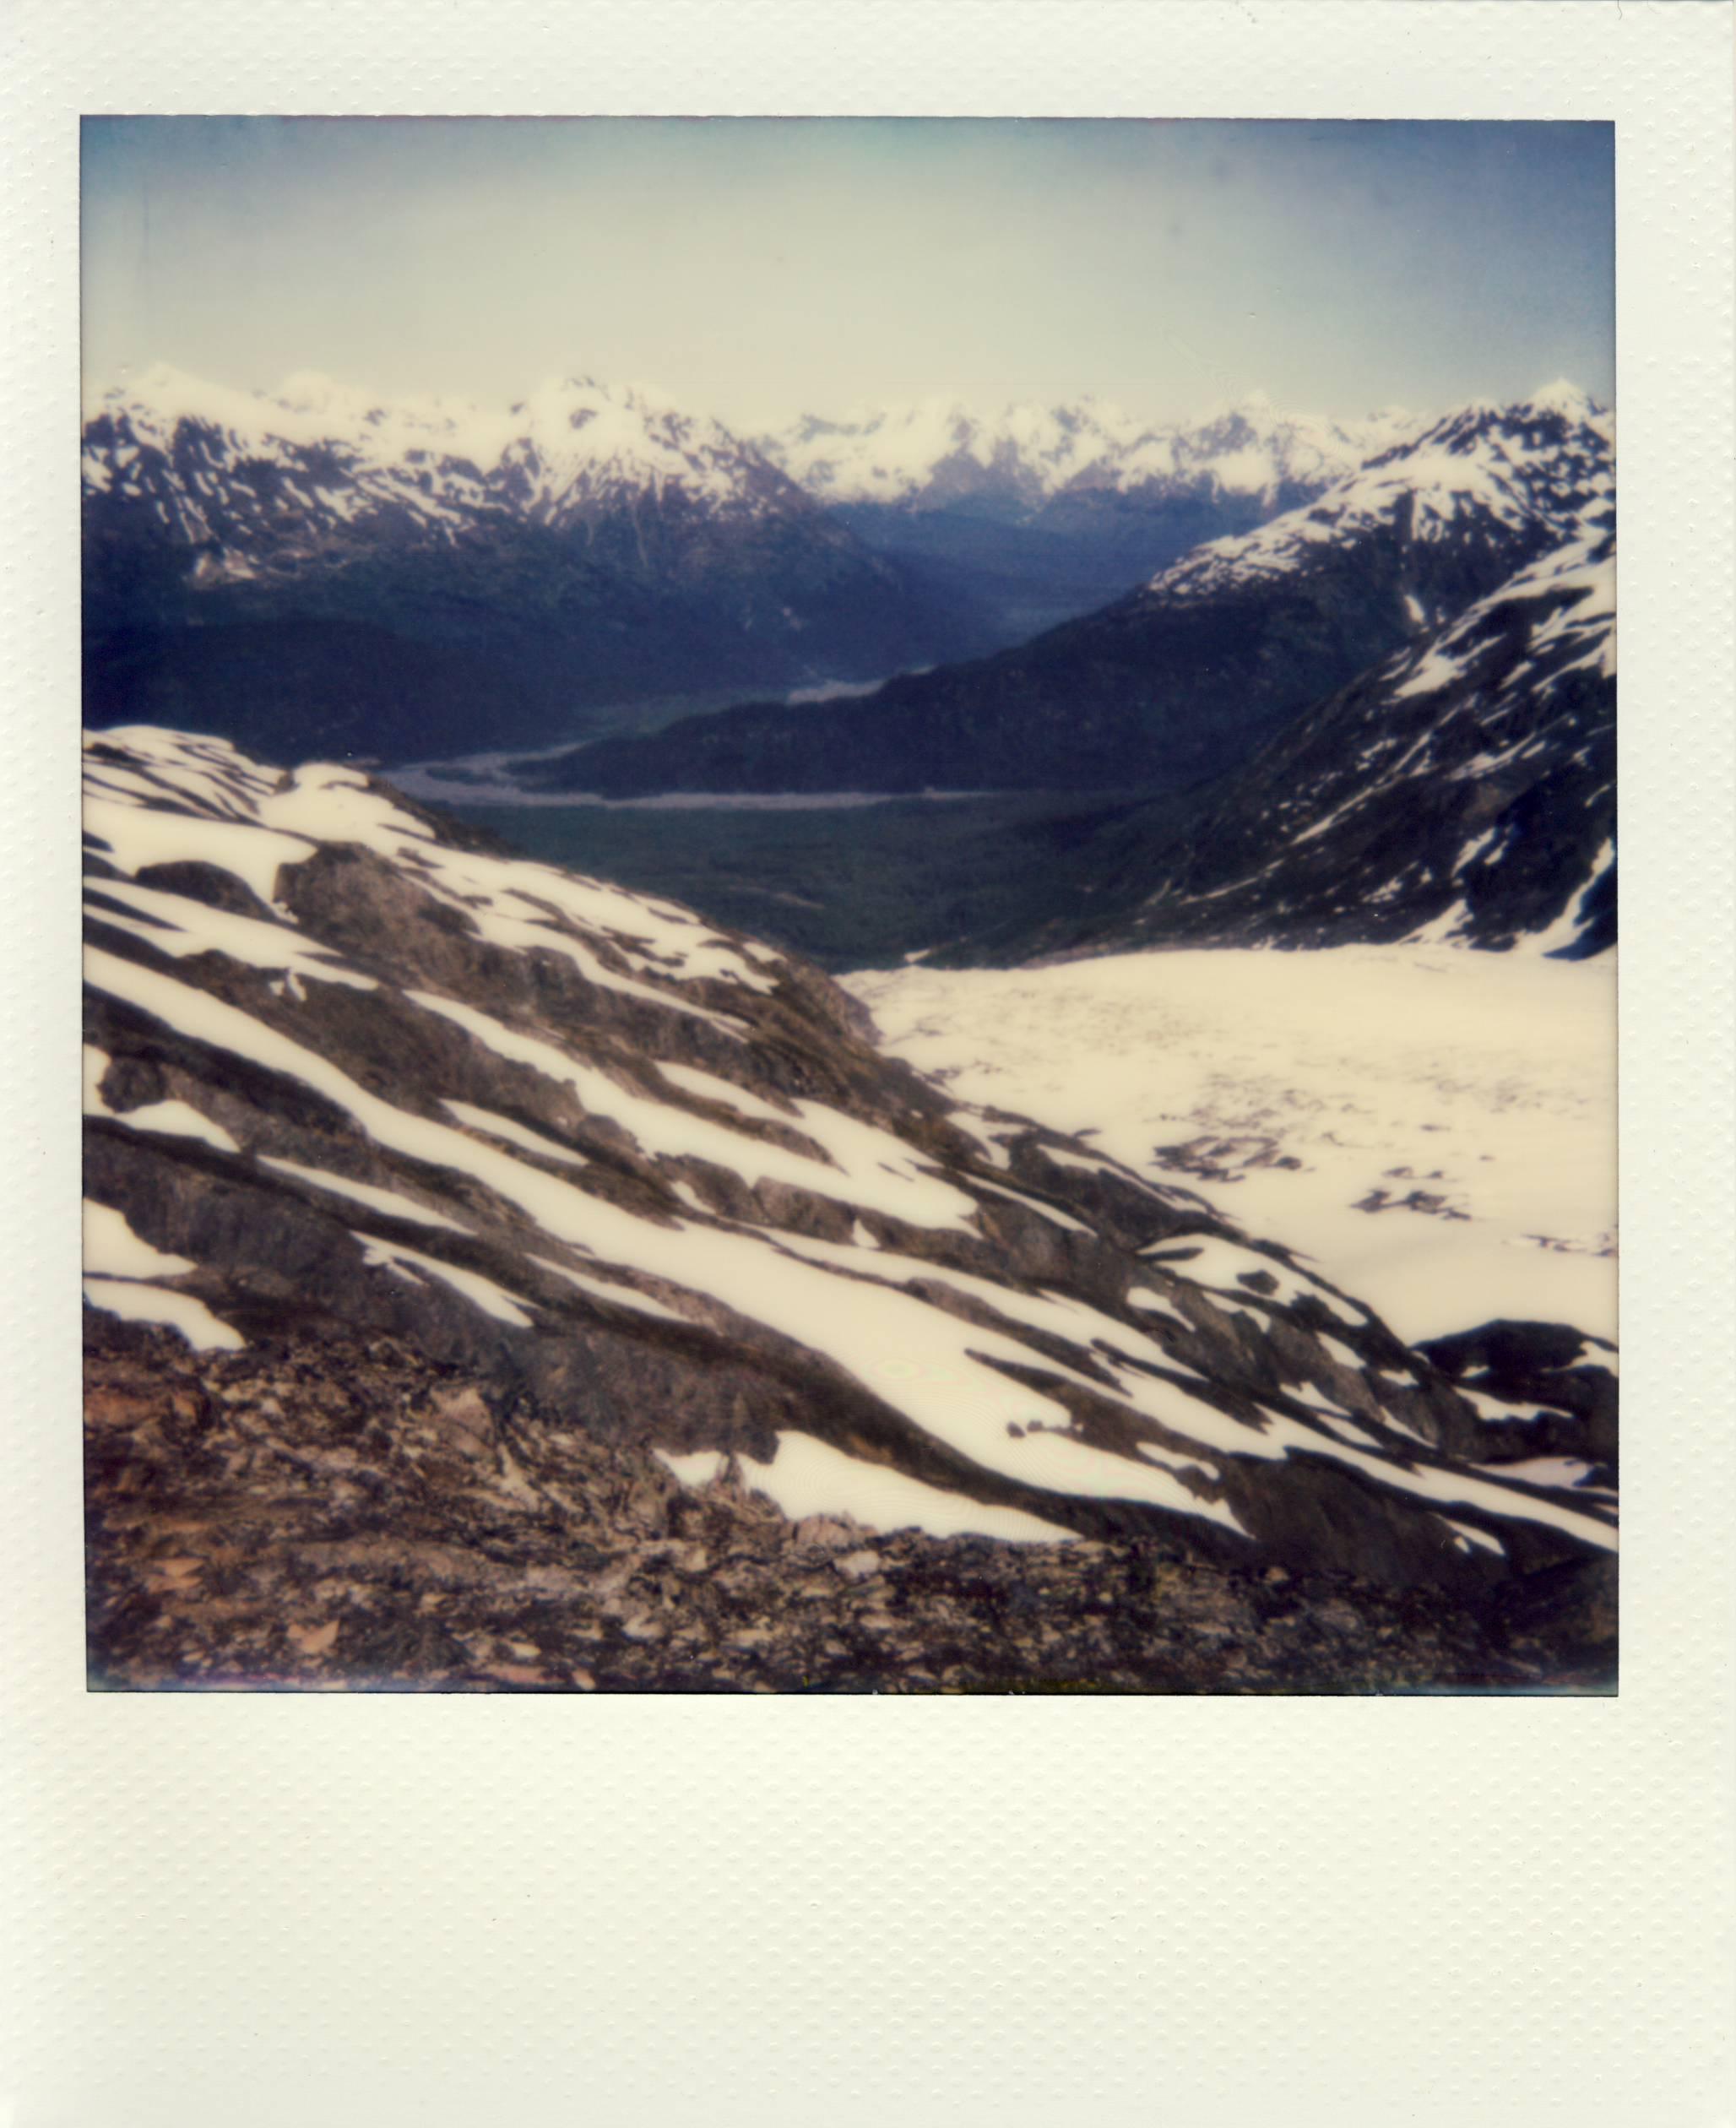 19KenaiFjords.JPG